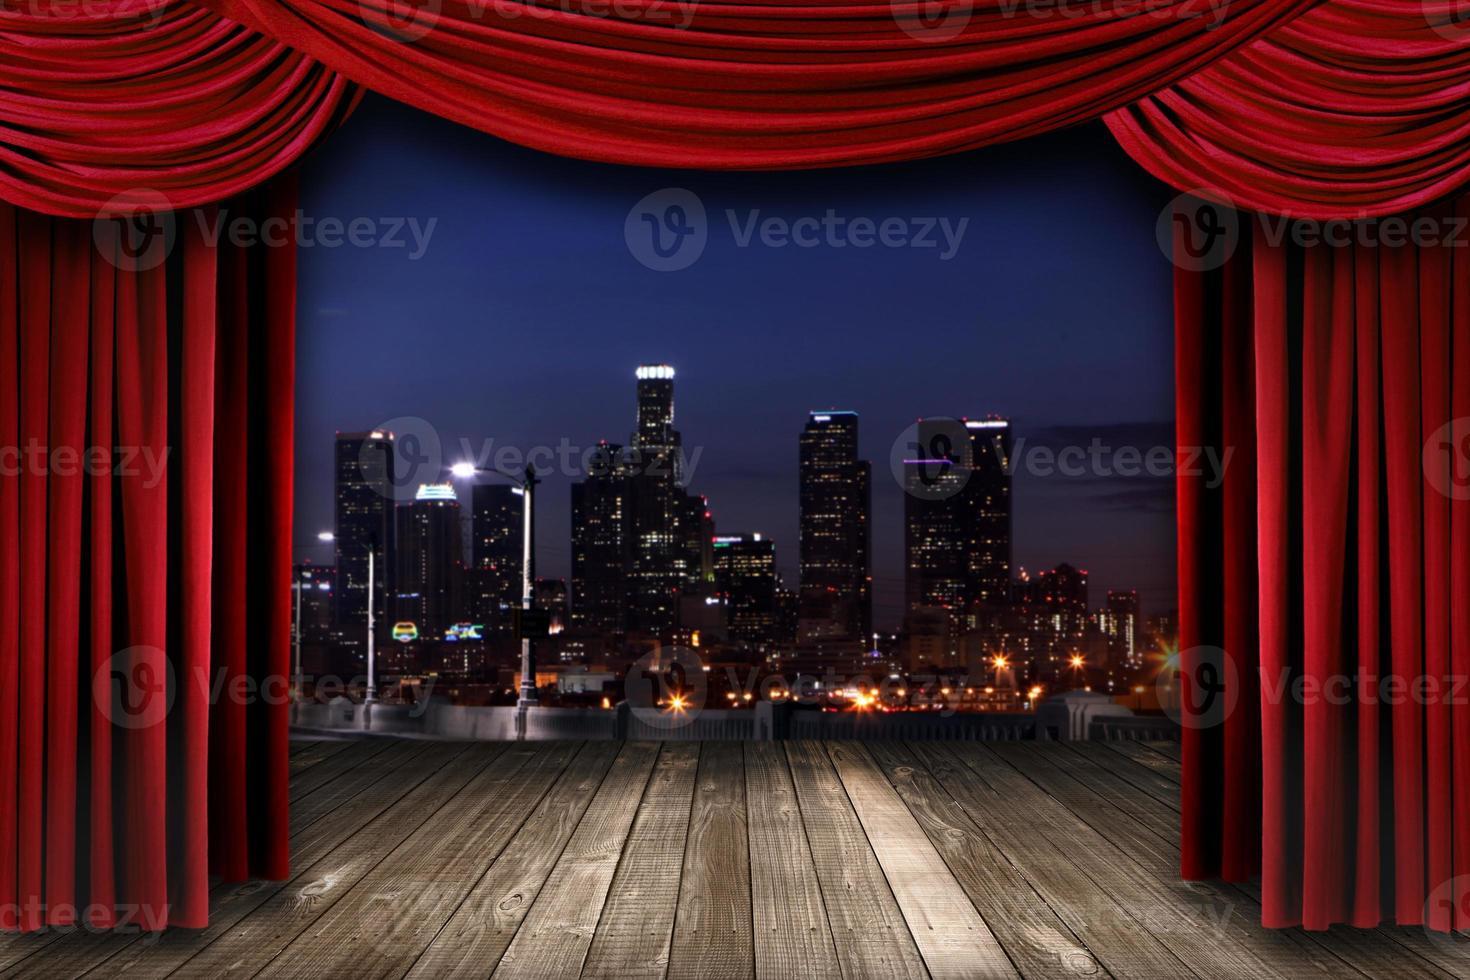 Vorhang auf der Theaterbühne mit einer nächtlichen Stadt im Hintergrund foto